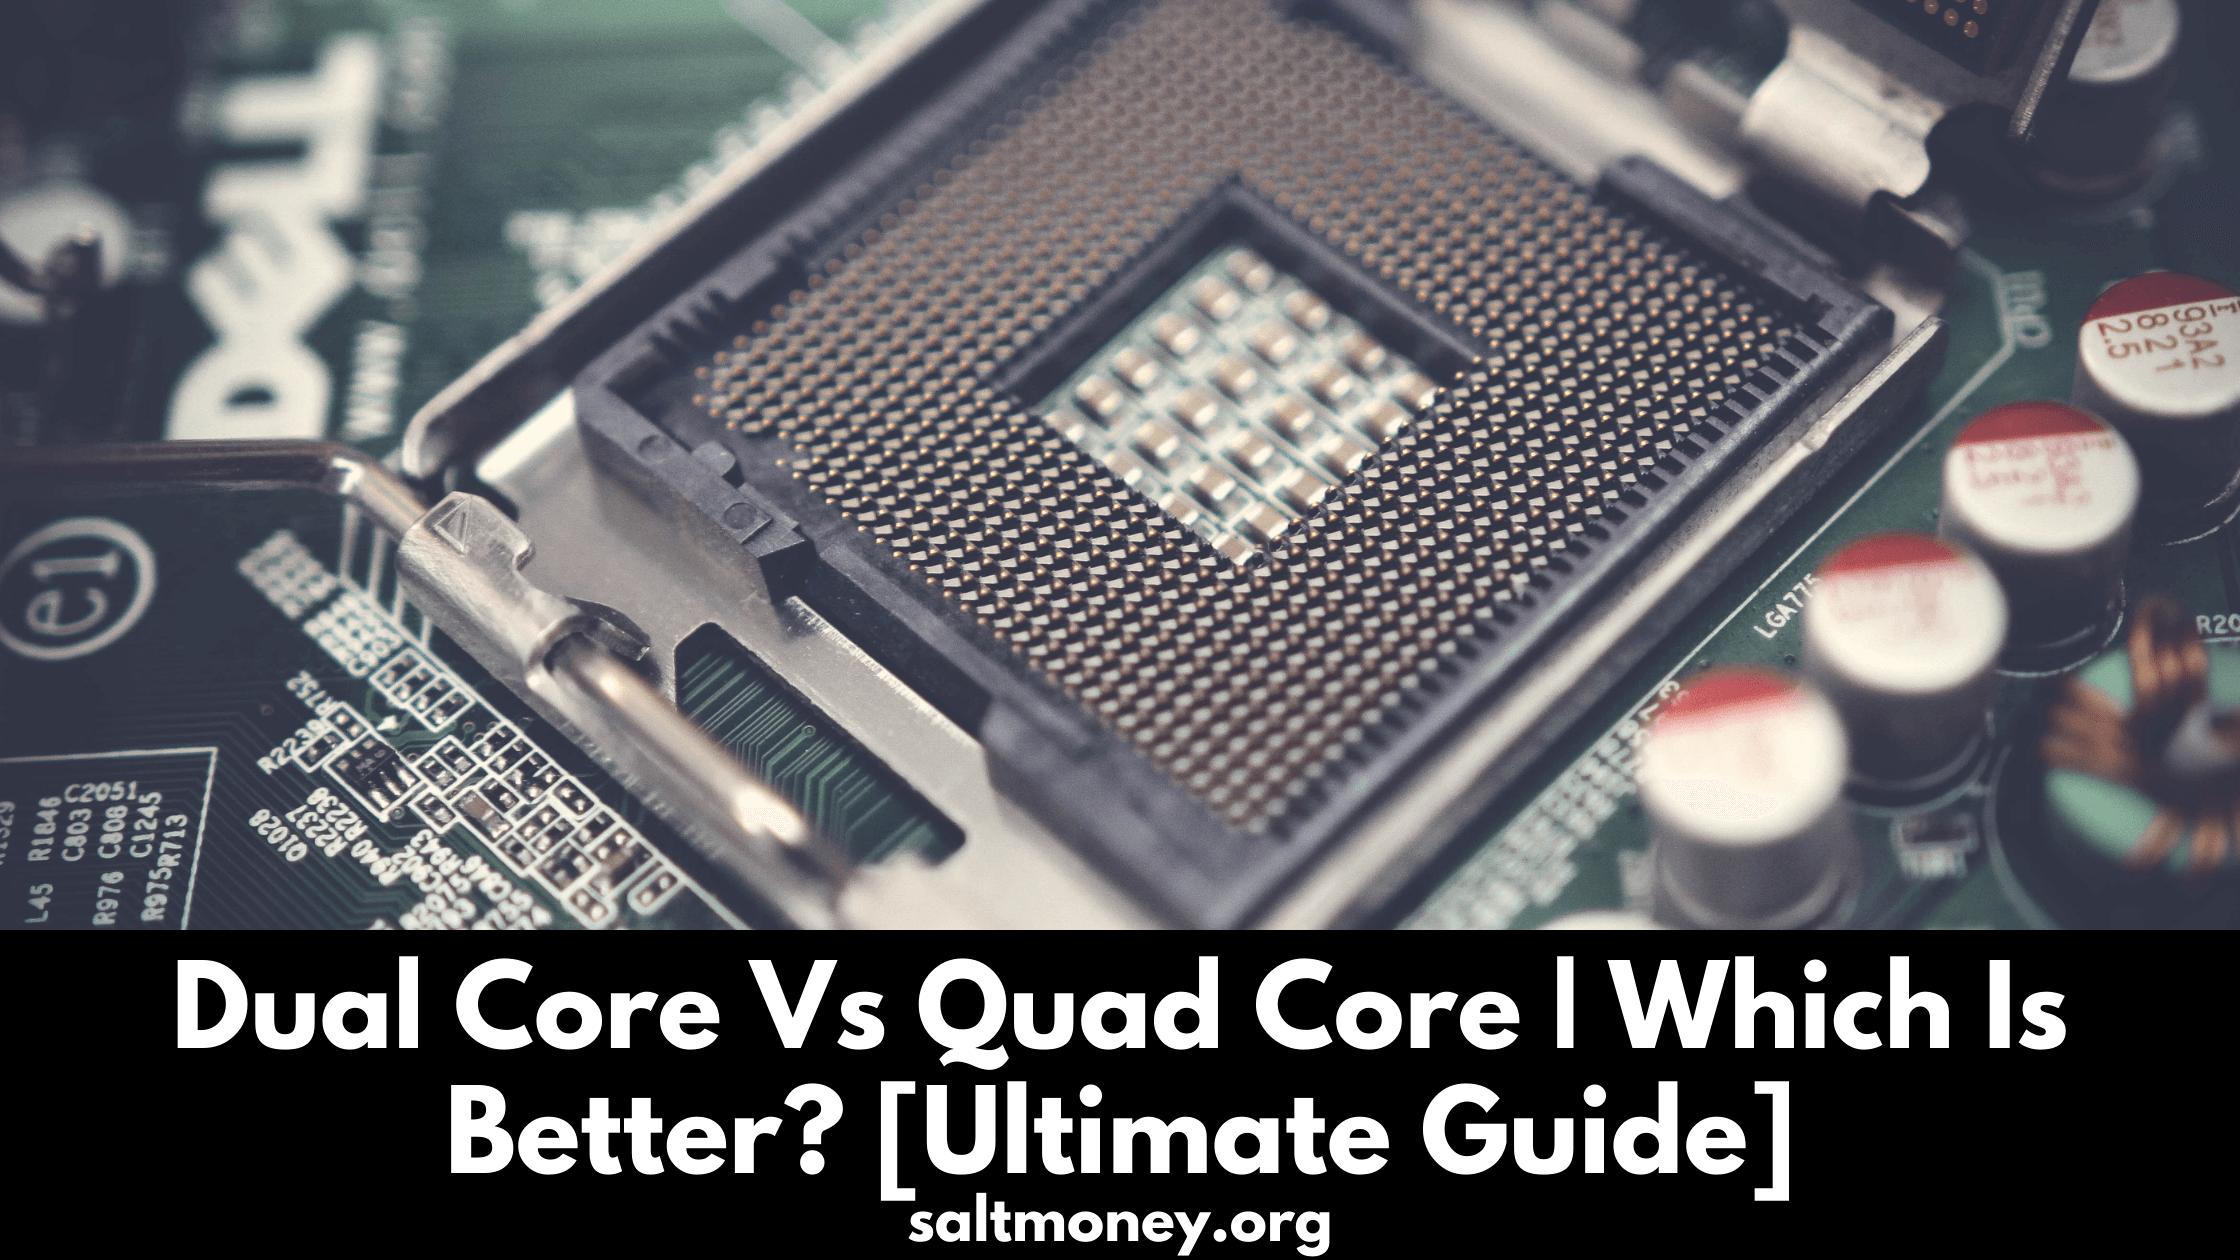 Dual-Core vs. Quad-Core